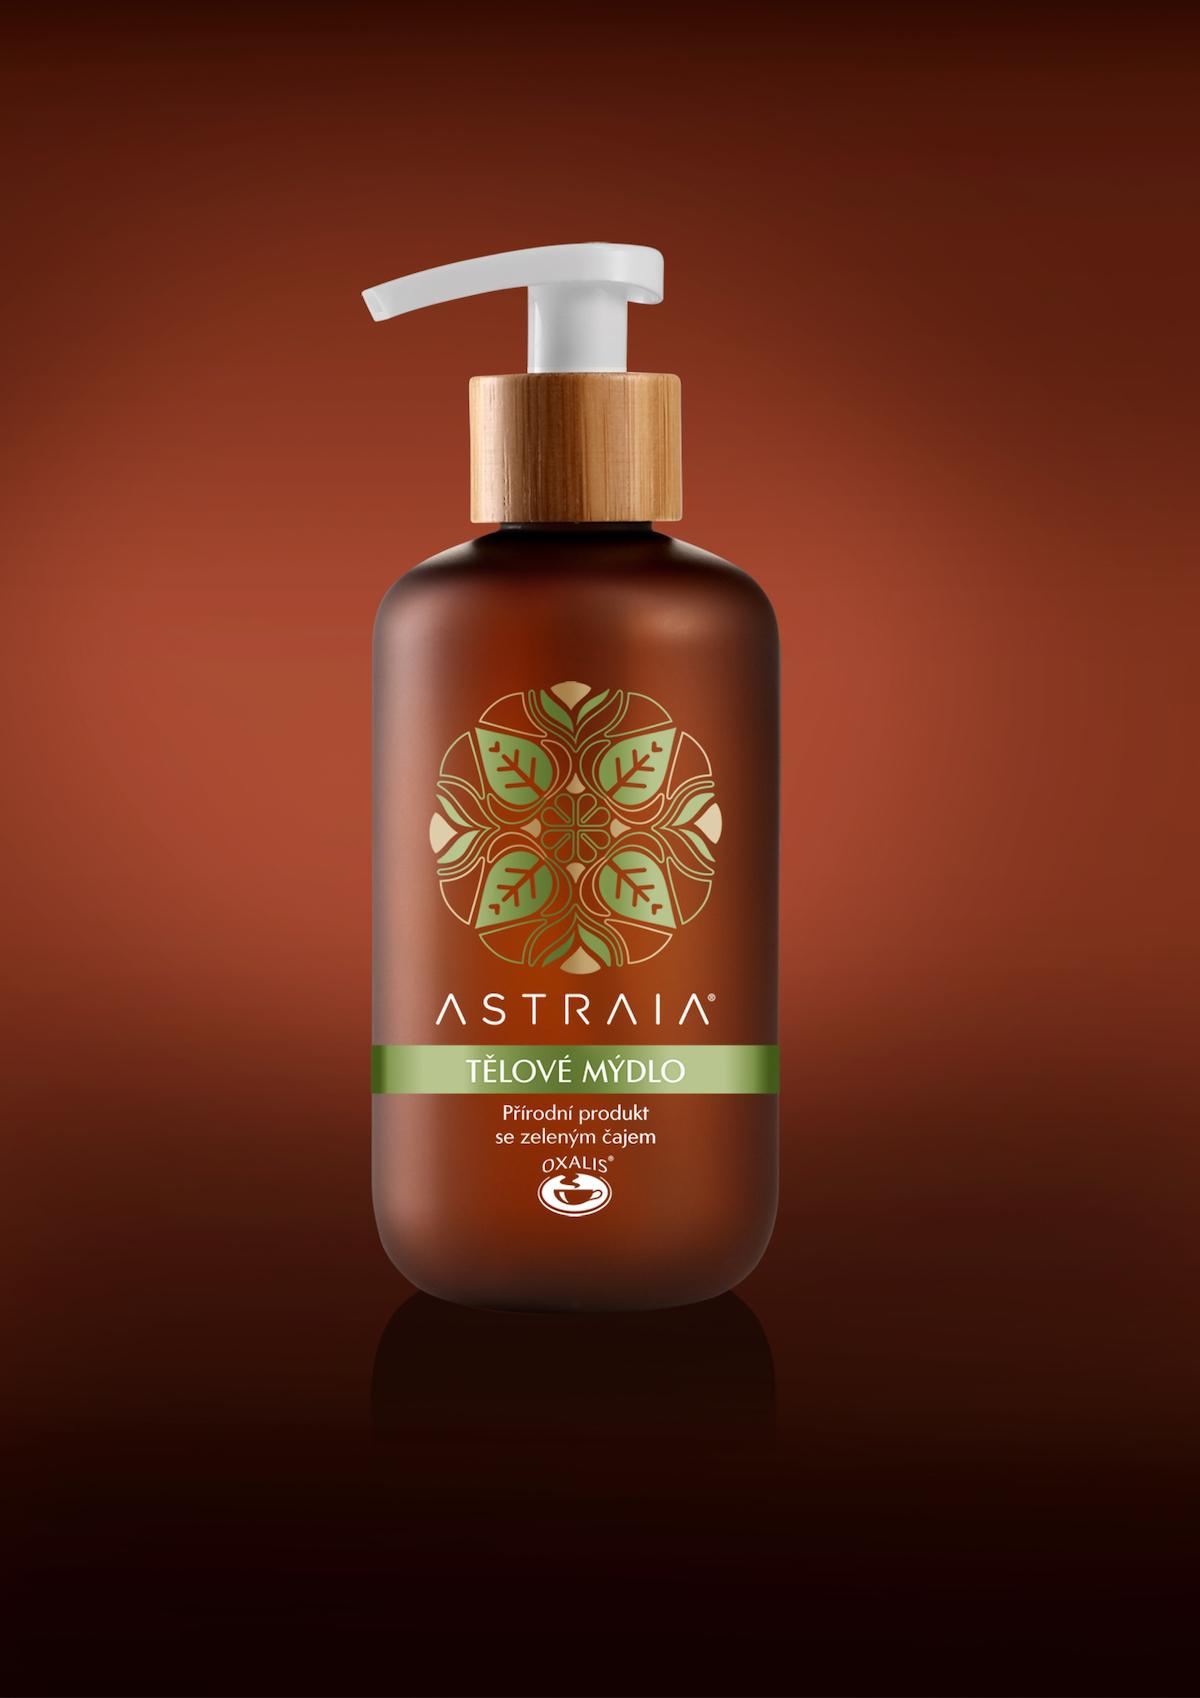 Tělové mýdlo Astraia